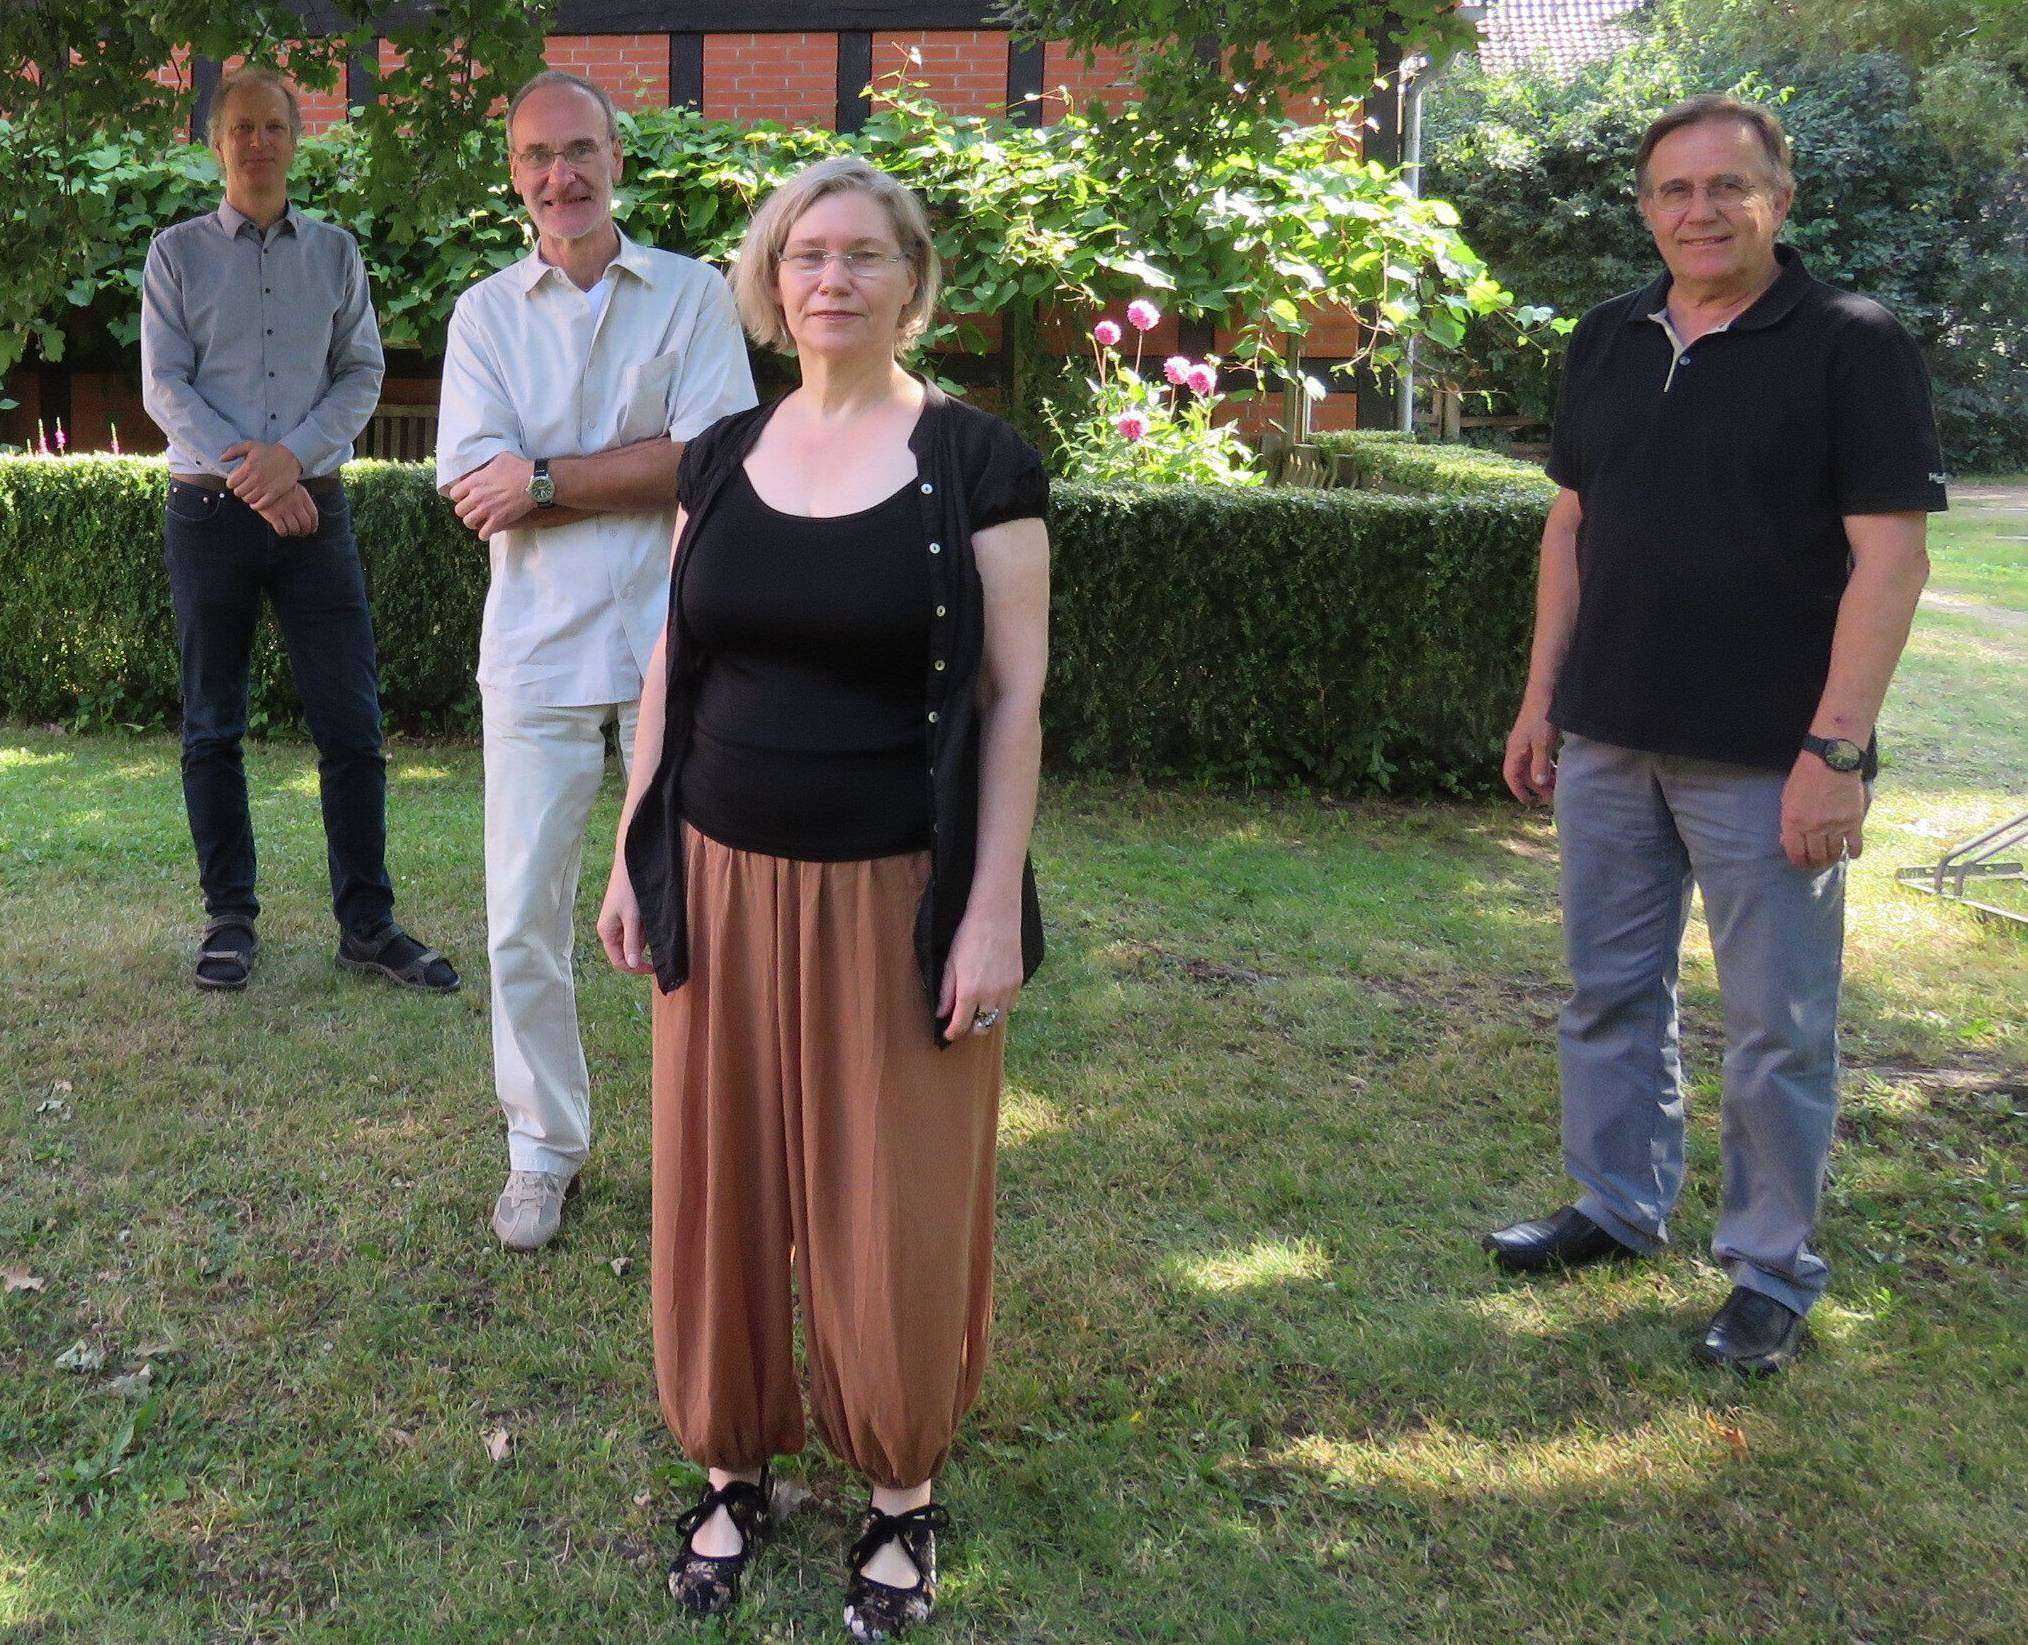 Bürgermeister Tim Willy Weber, Thomas Willeberger, Inske Albers-Willberger und Michael Kallhardt laden zur Premiere der neuesten Aufführung von